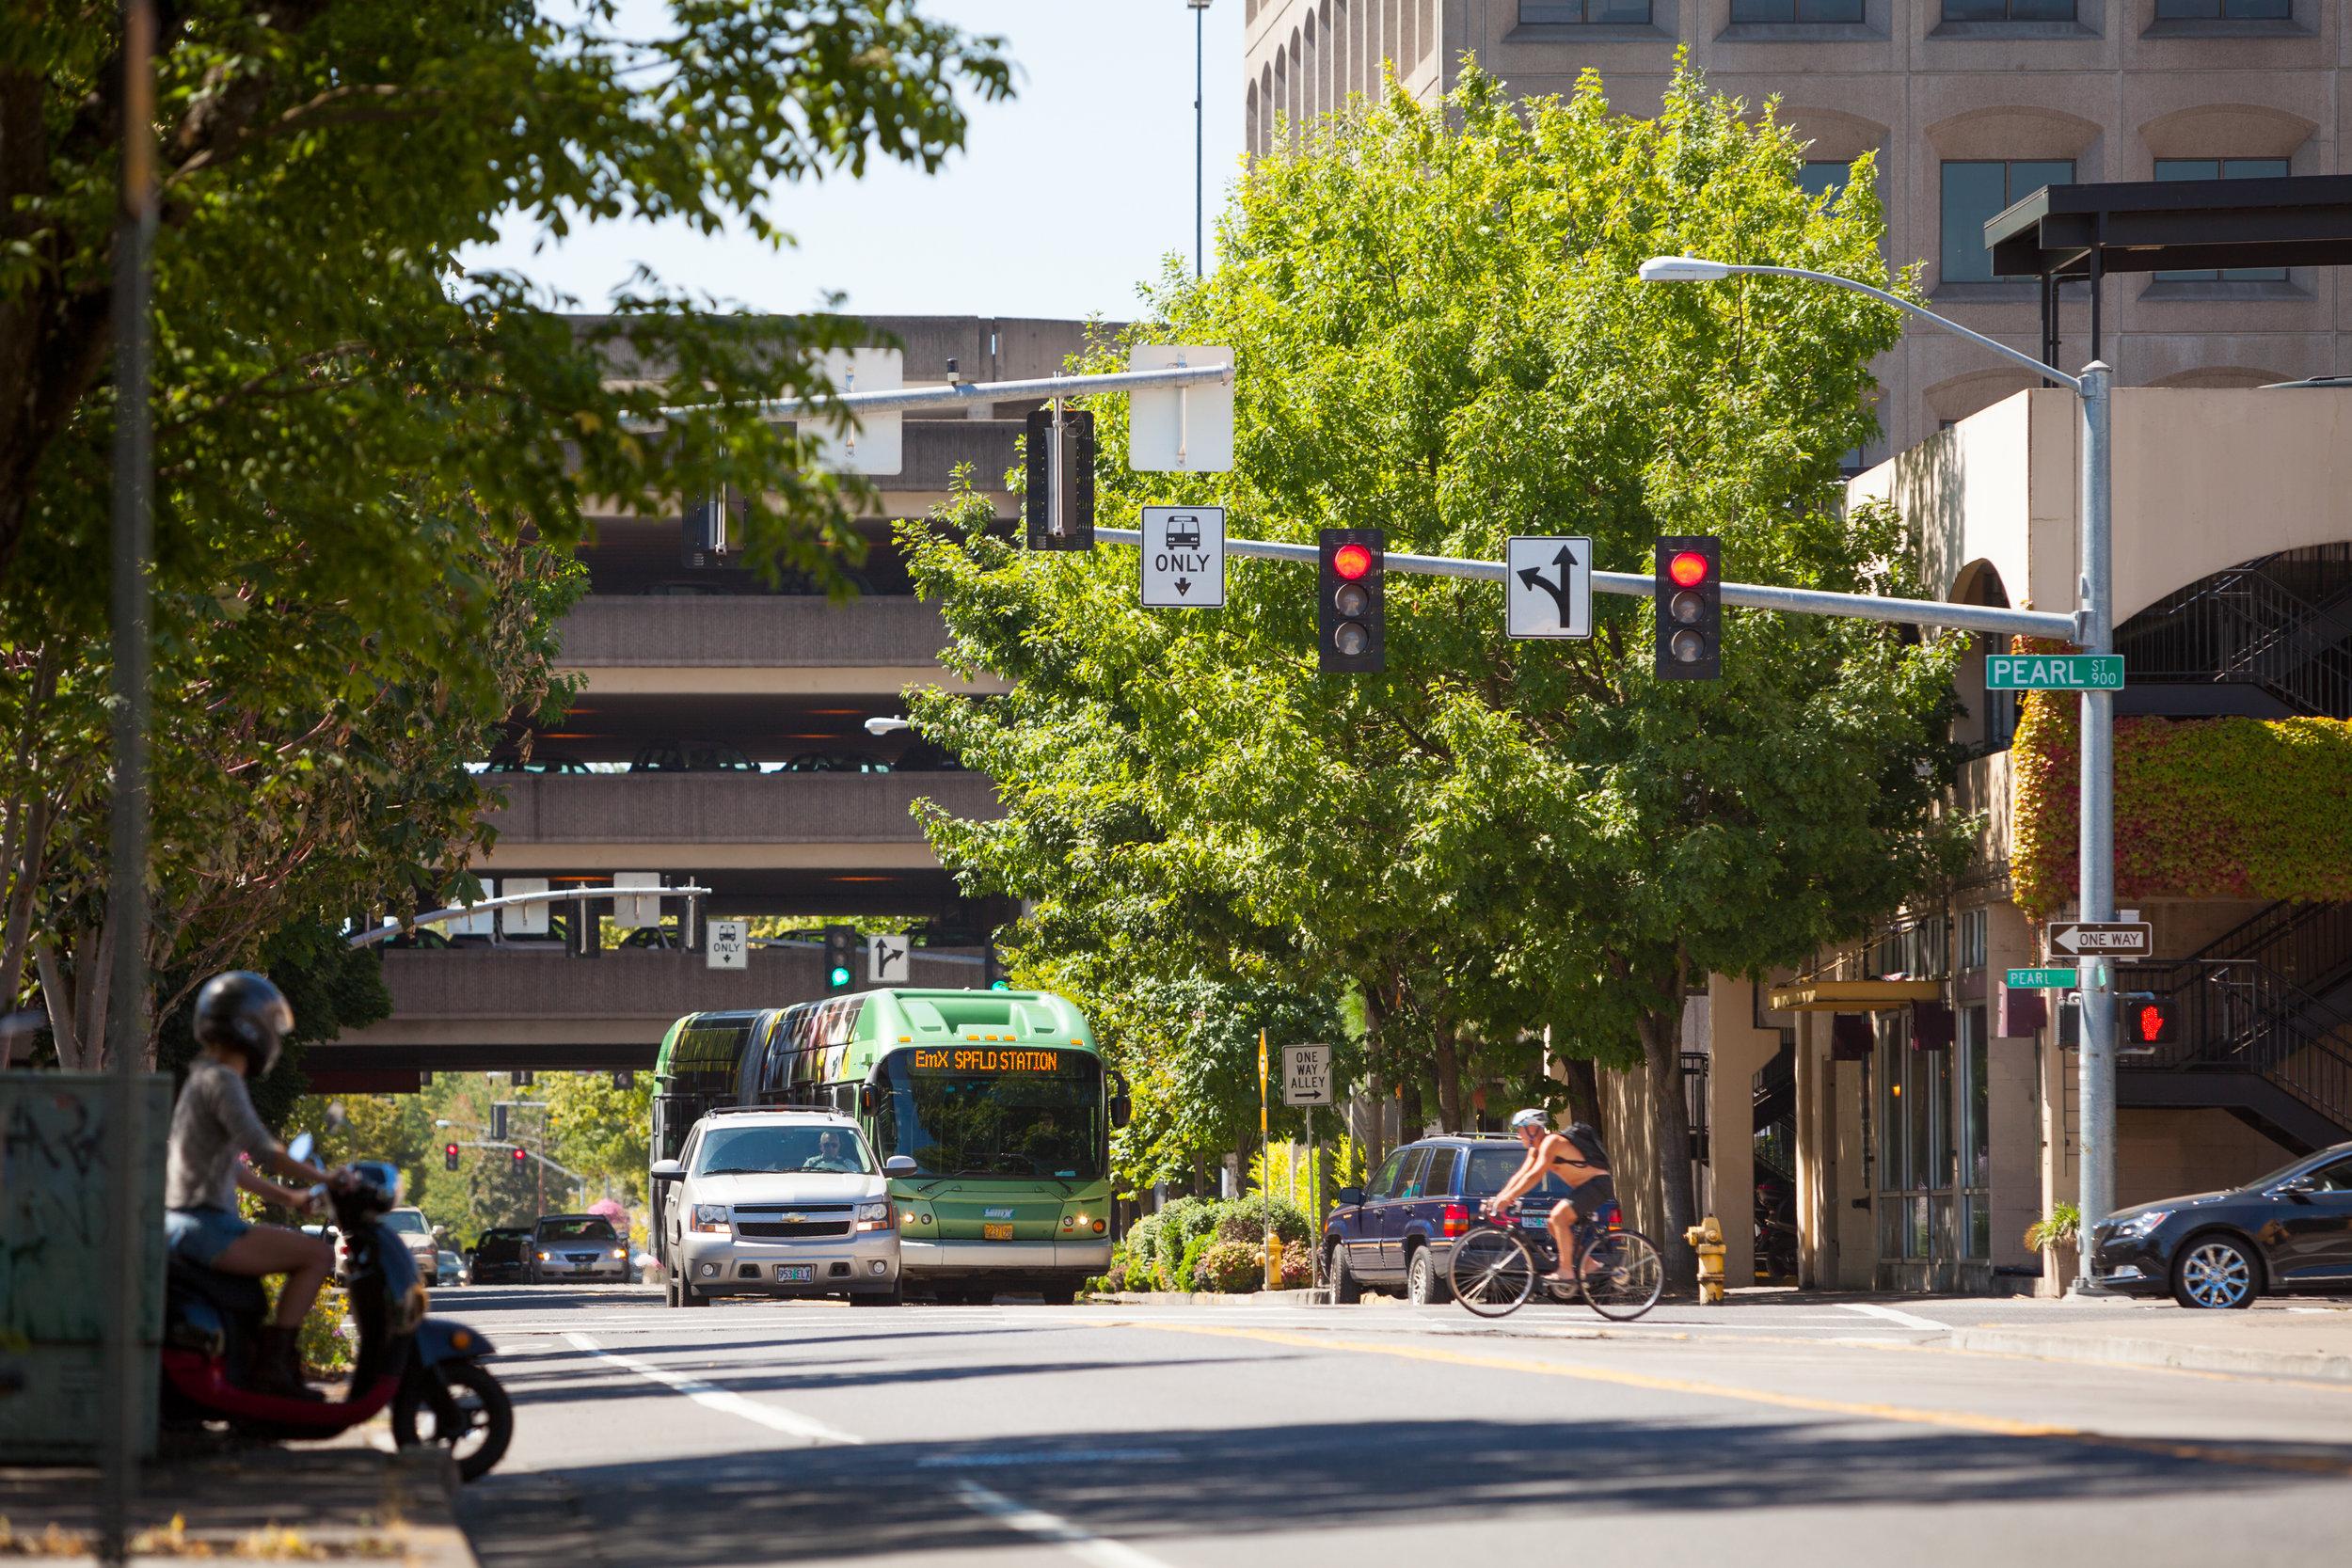 Eugene_BRT Downtown_Photo 03_200dpi.jpg